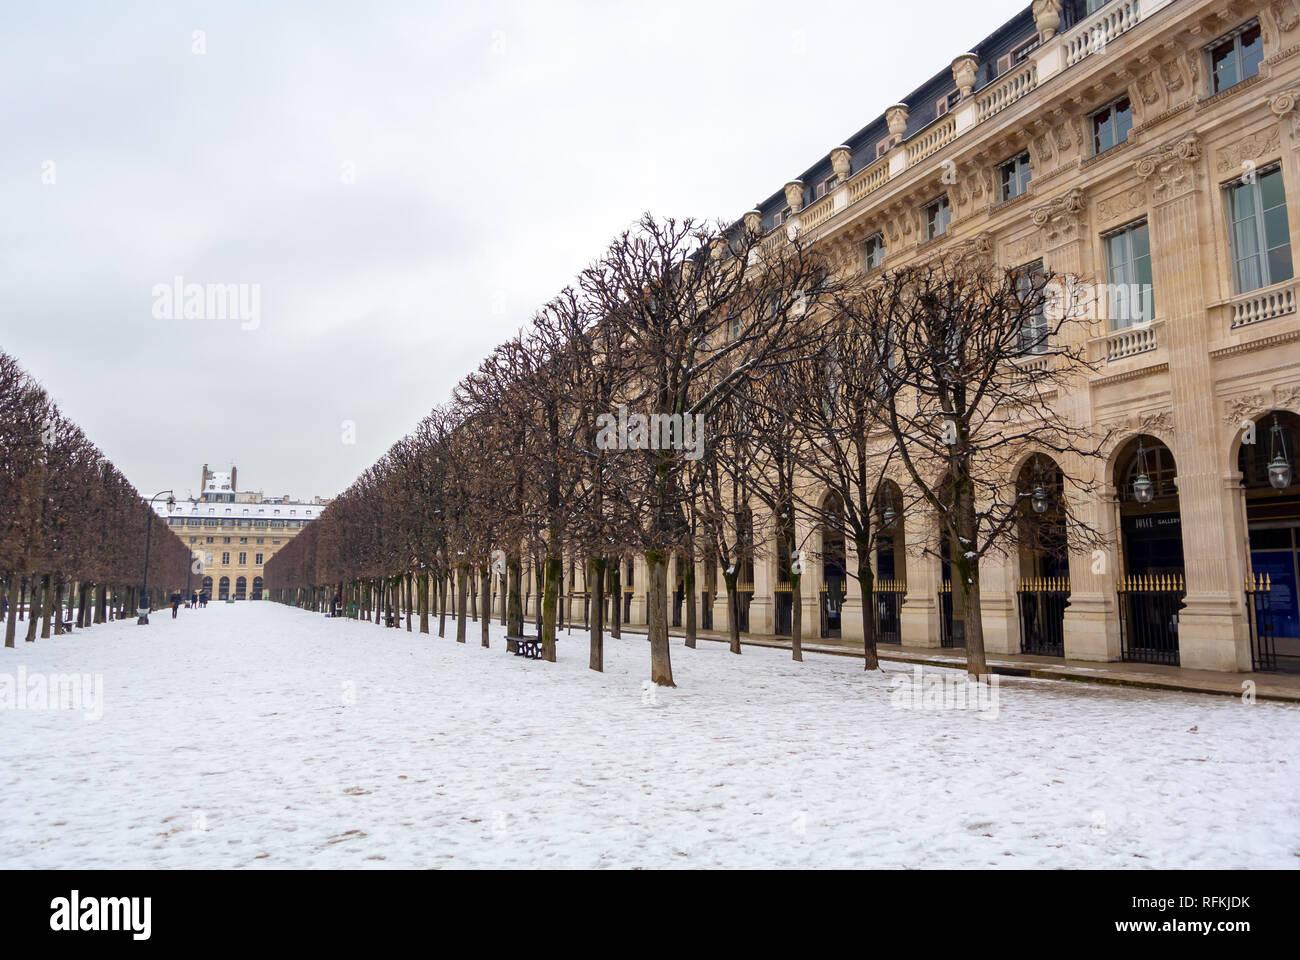 Palais Royal garden under snow, Paris, France Stock Photo